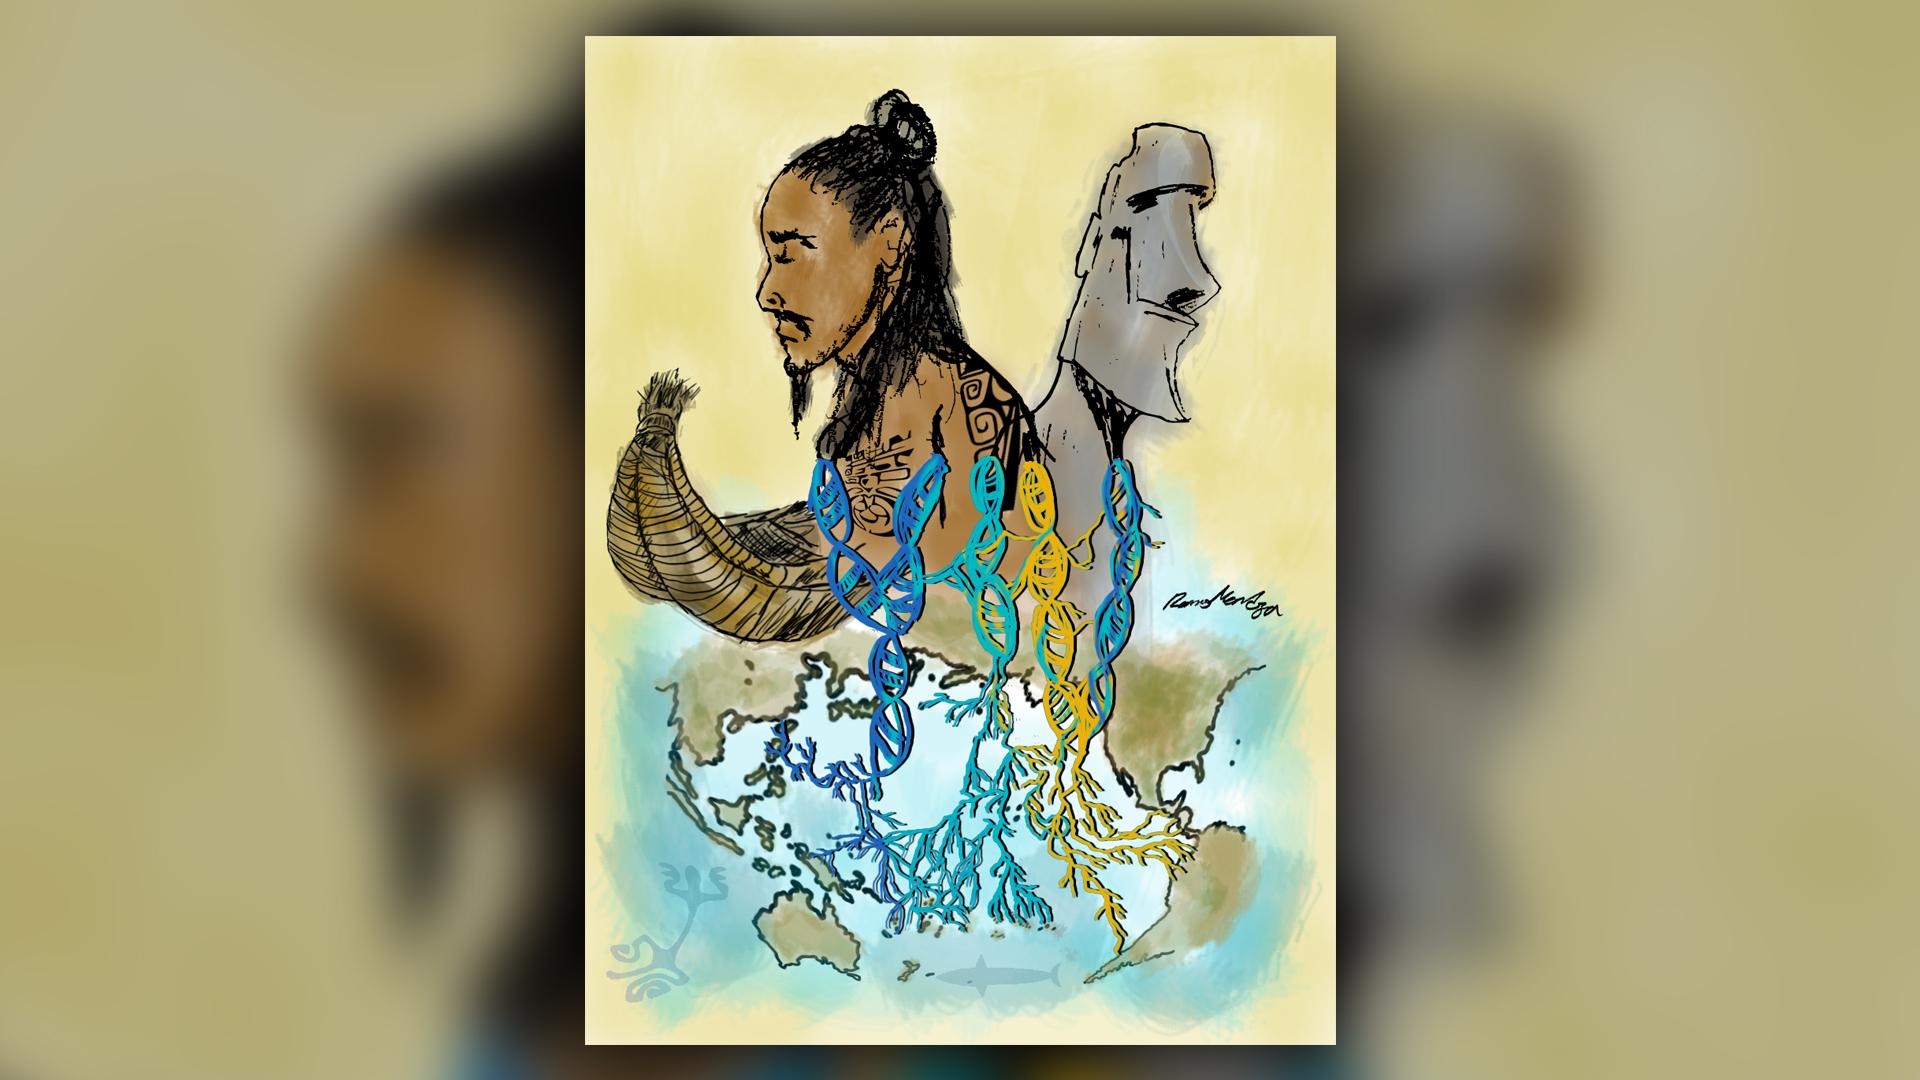 Bien qu'il soit encore difficile de savoir si les Polynésiens ont visité l'Amérique du Sud ou les Sud-Américains ont visité la Polynésie, une chose est certaine;  Certains Polynésiens ont une signature génétique indiquant que leurs ancêtres se sont associés à des peuples autochtones de Colombie il y a des centaines d'années.